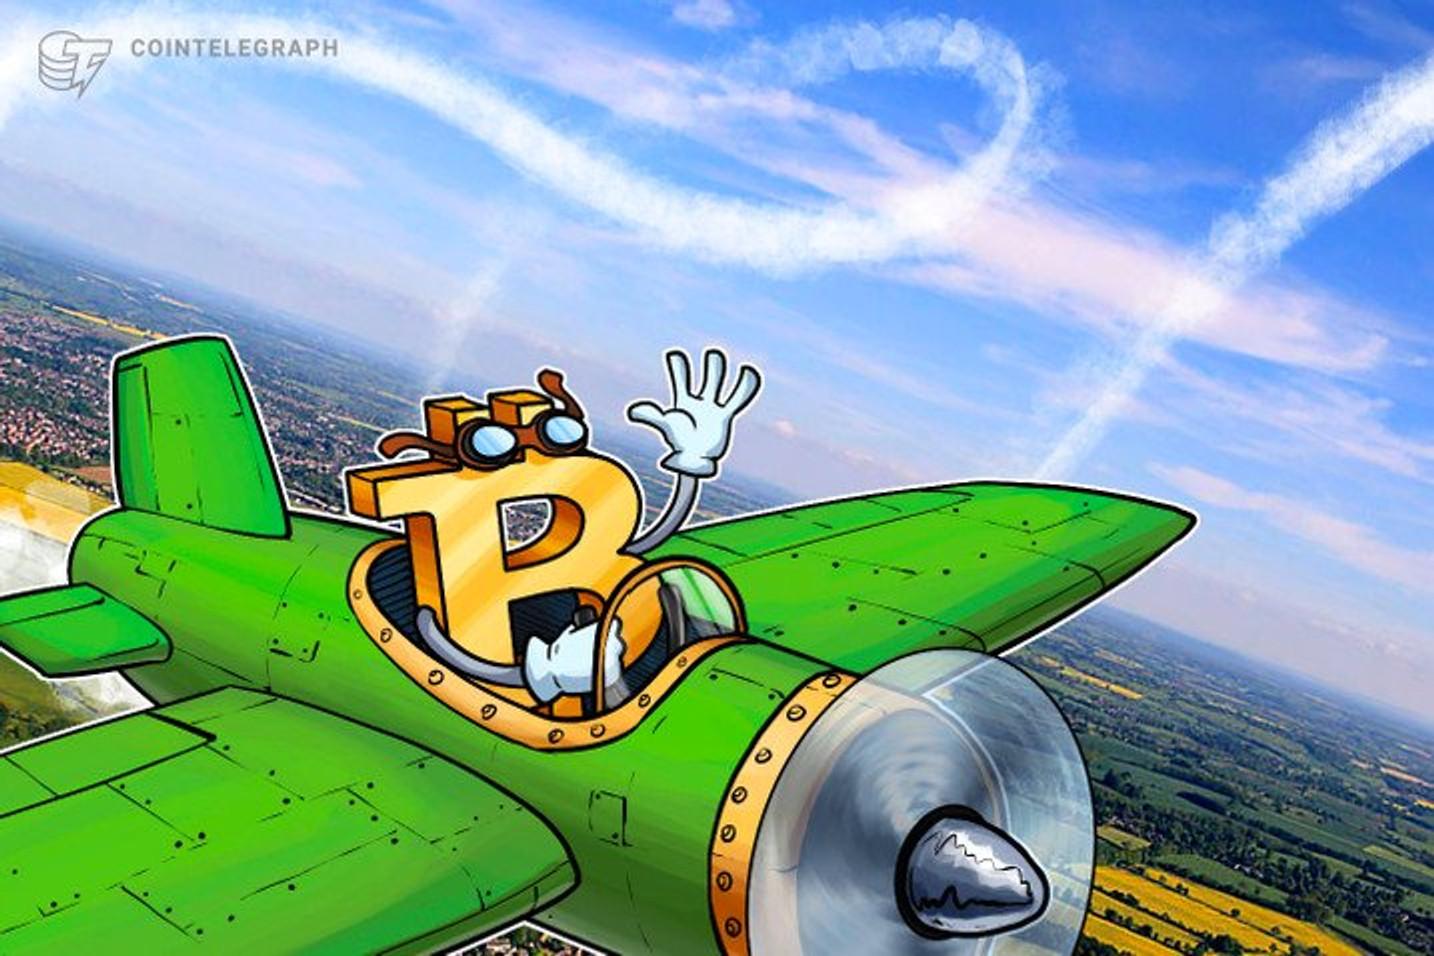 Mercado Bitcoin aponta que Bitcoin Cash (BCH) pode valer R$ 6.000 se recuperar importante suporte